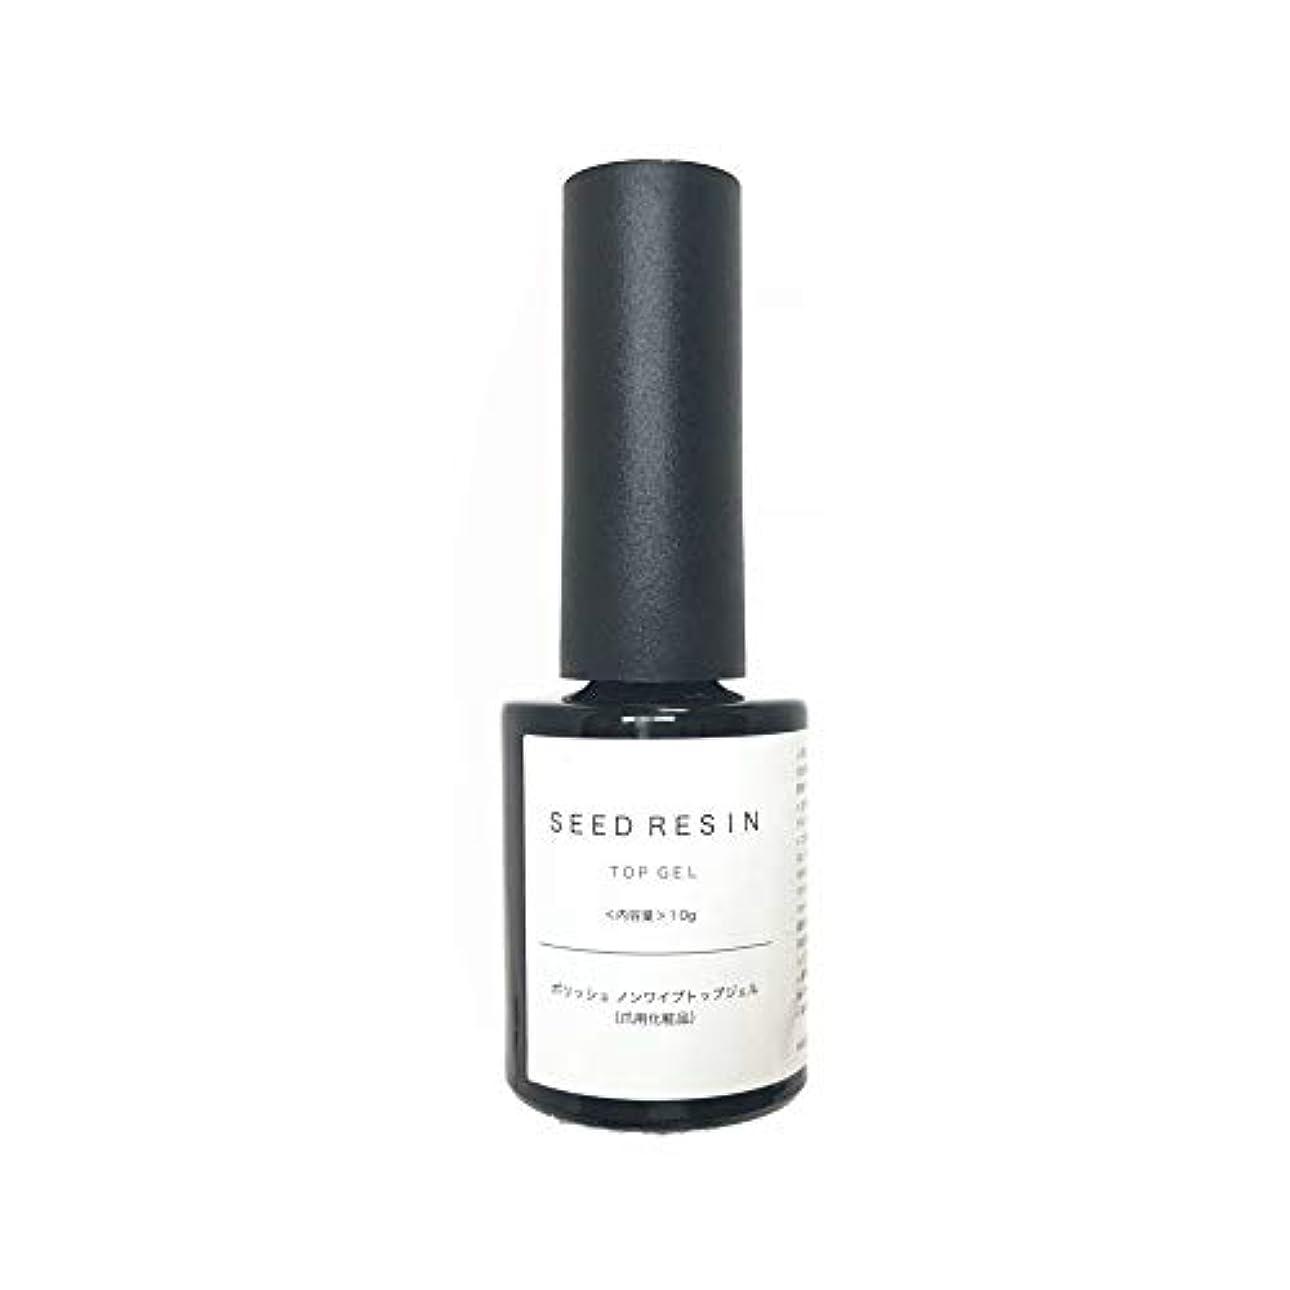 ジャベスウィルソン州平行SEED RESIN(シードレジン) ジェルネイル ポリッシュ ノンワイプ トップジェル 10g 爪用化粧品